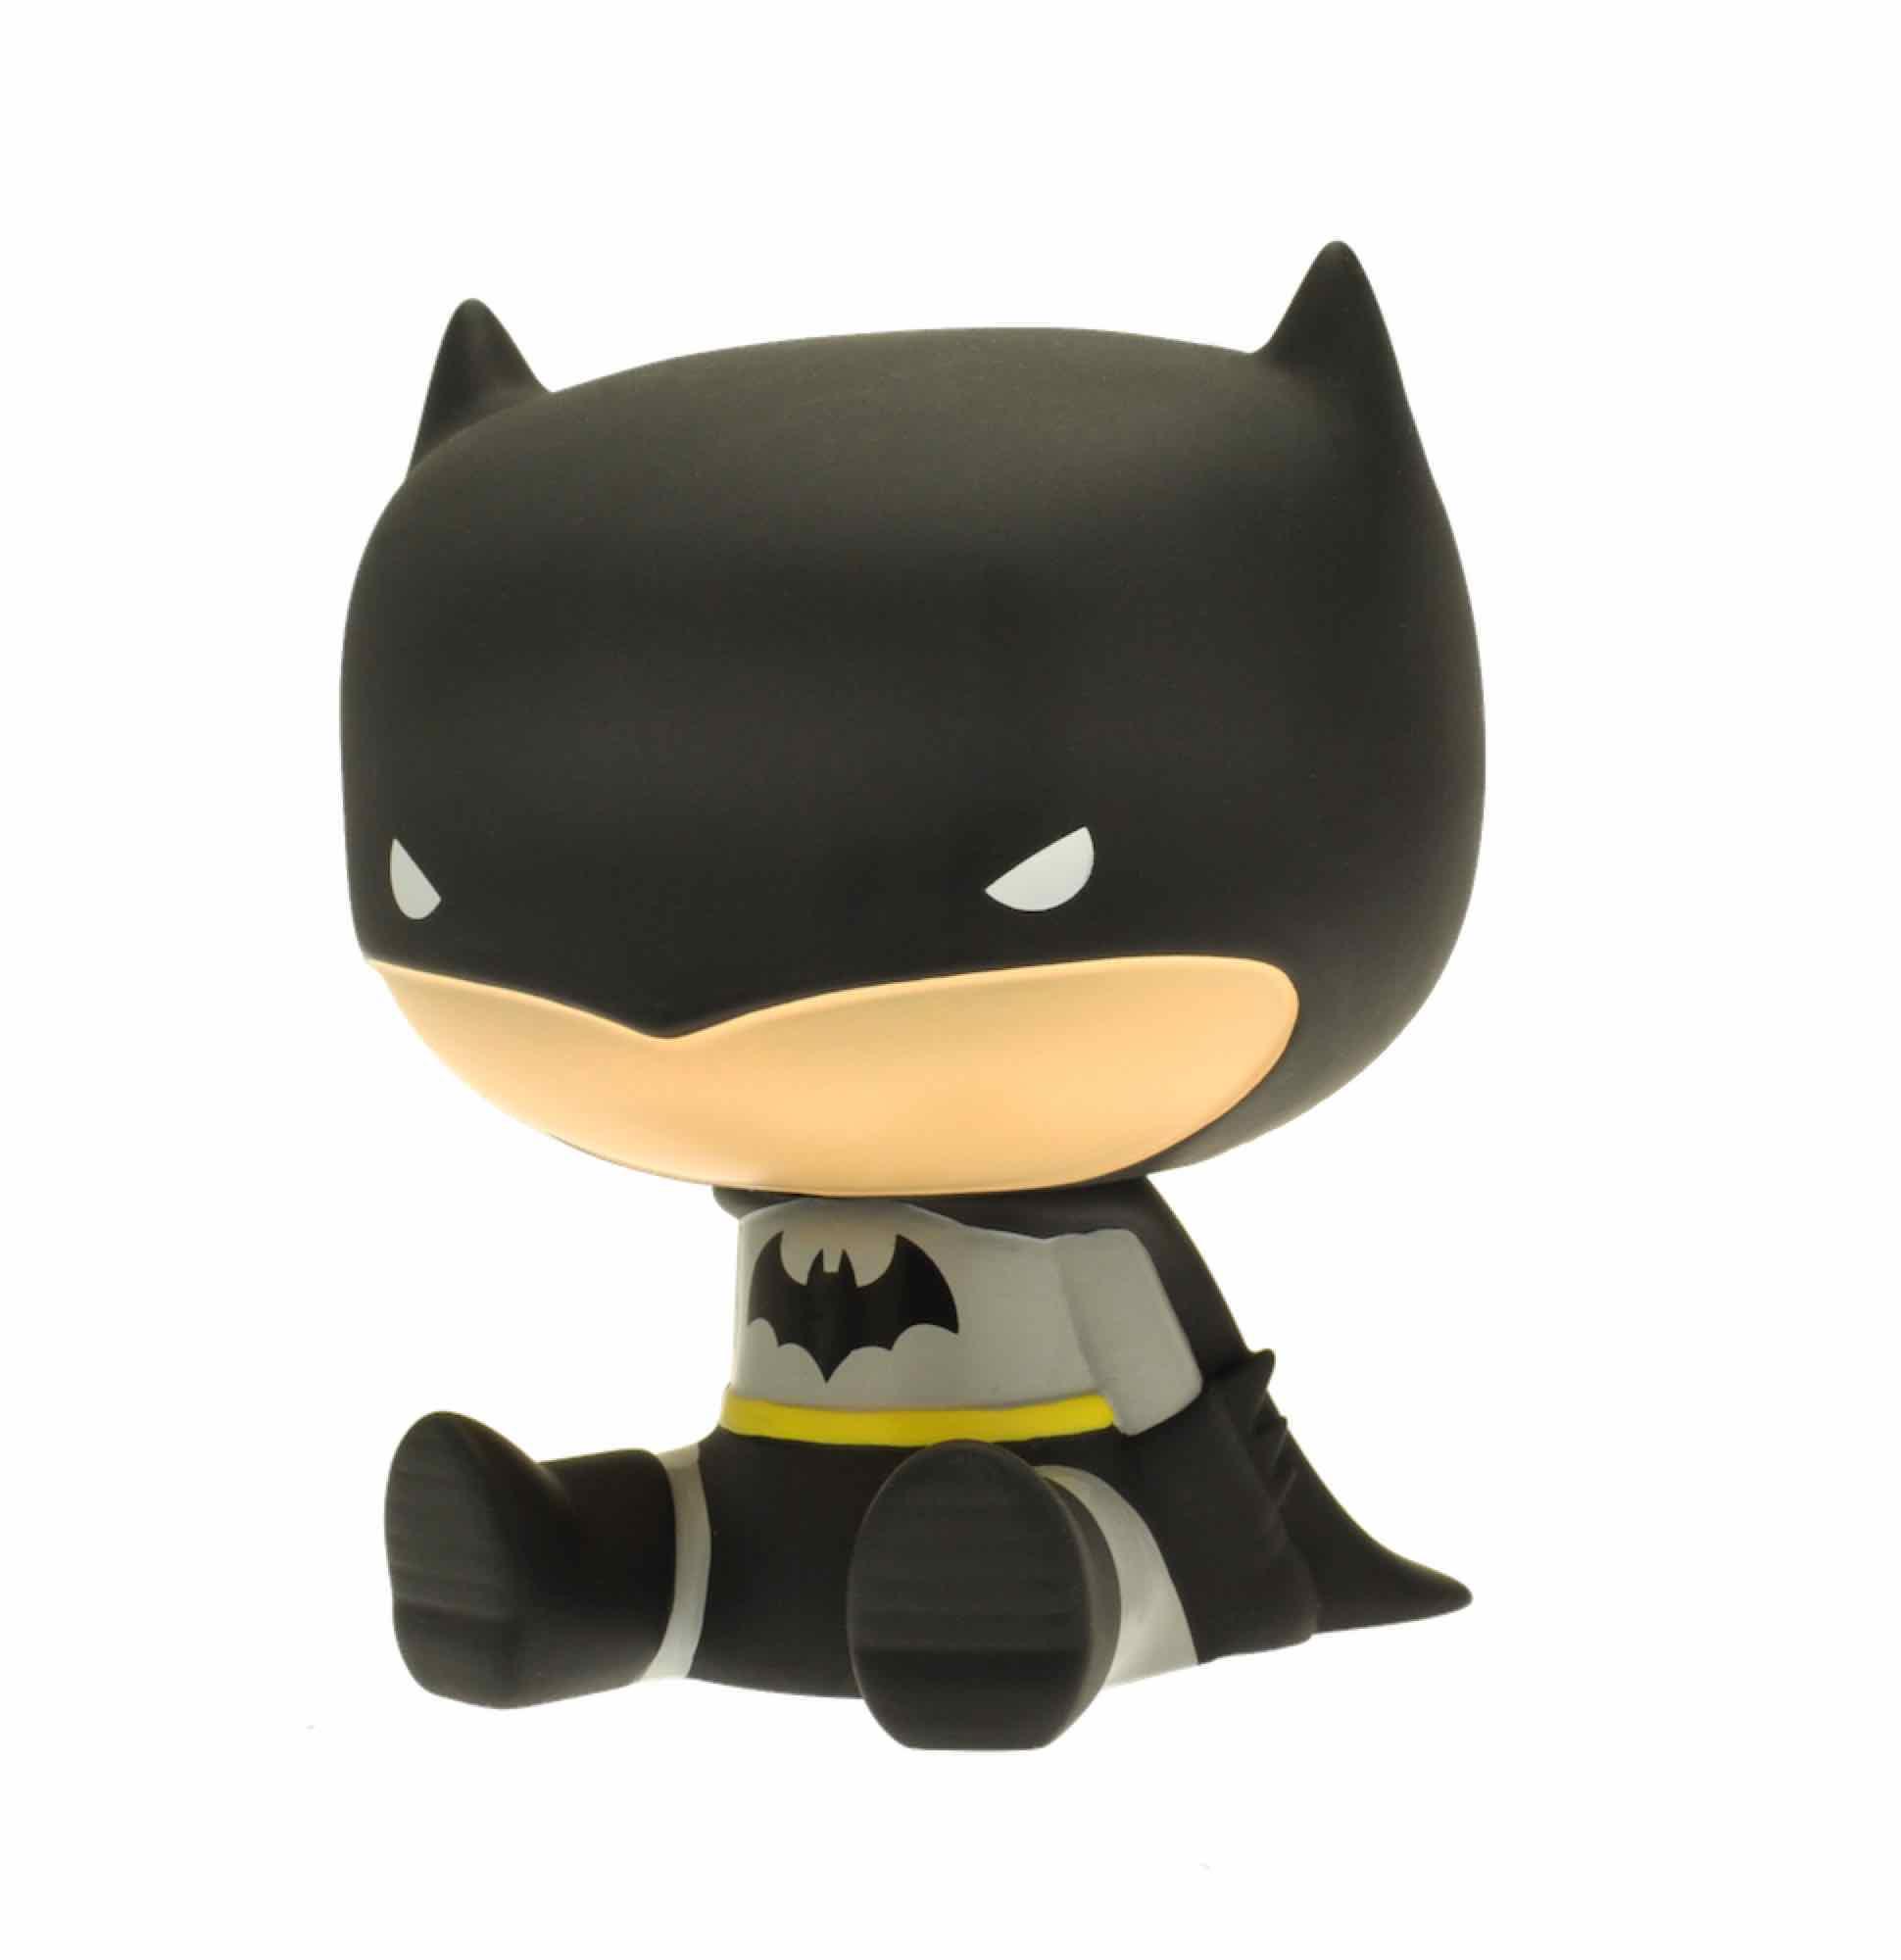 BATMAN CHIBI HUCHA PVC JUSTICE LEAGUE DC COMICS